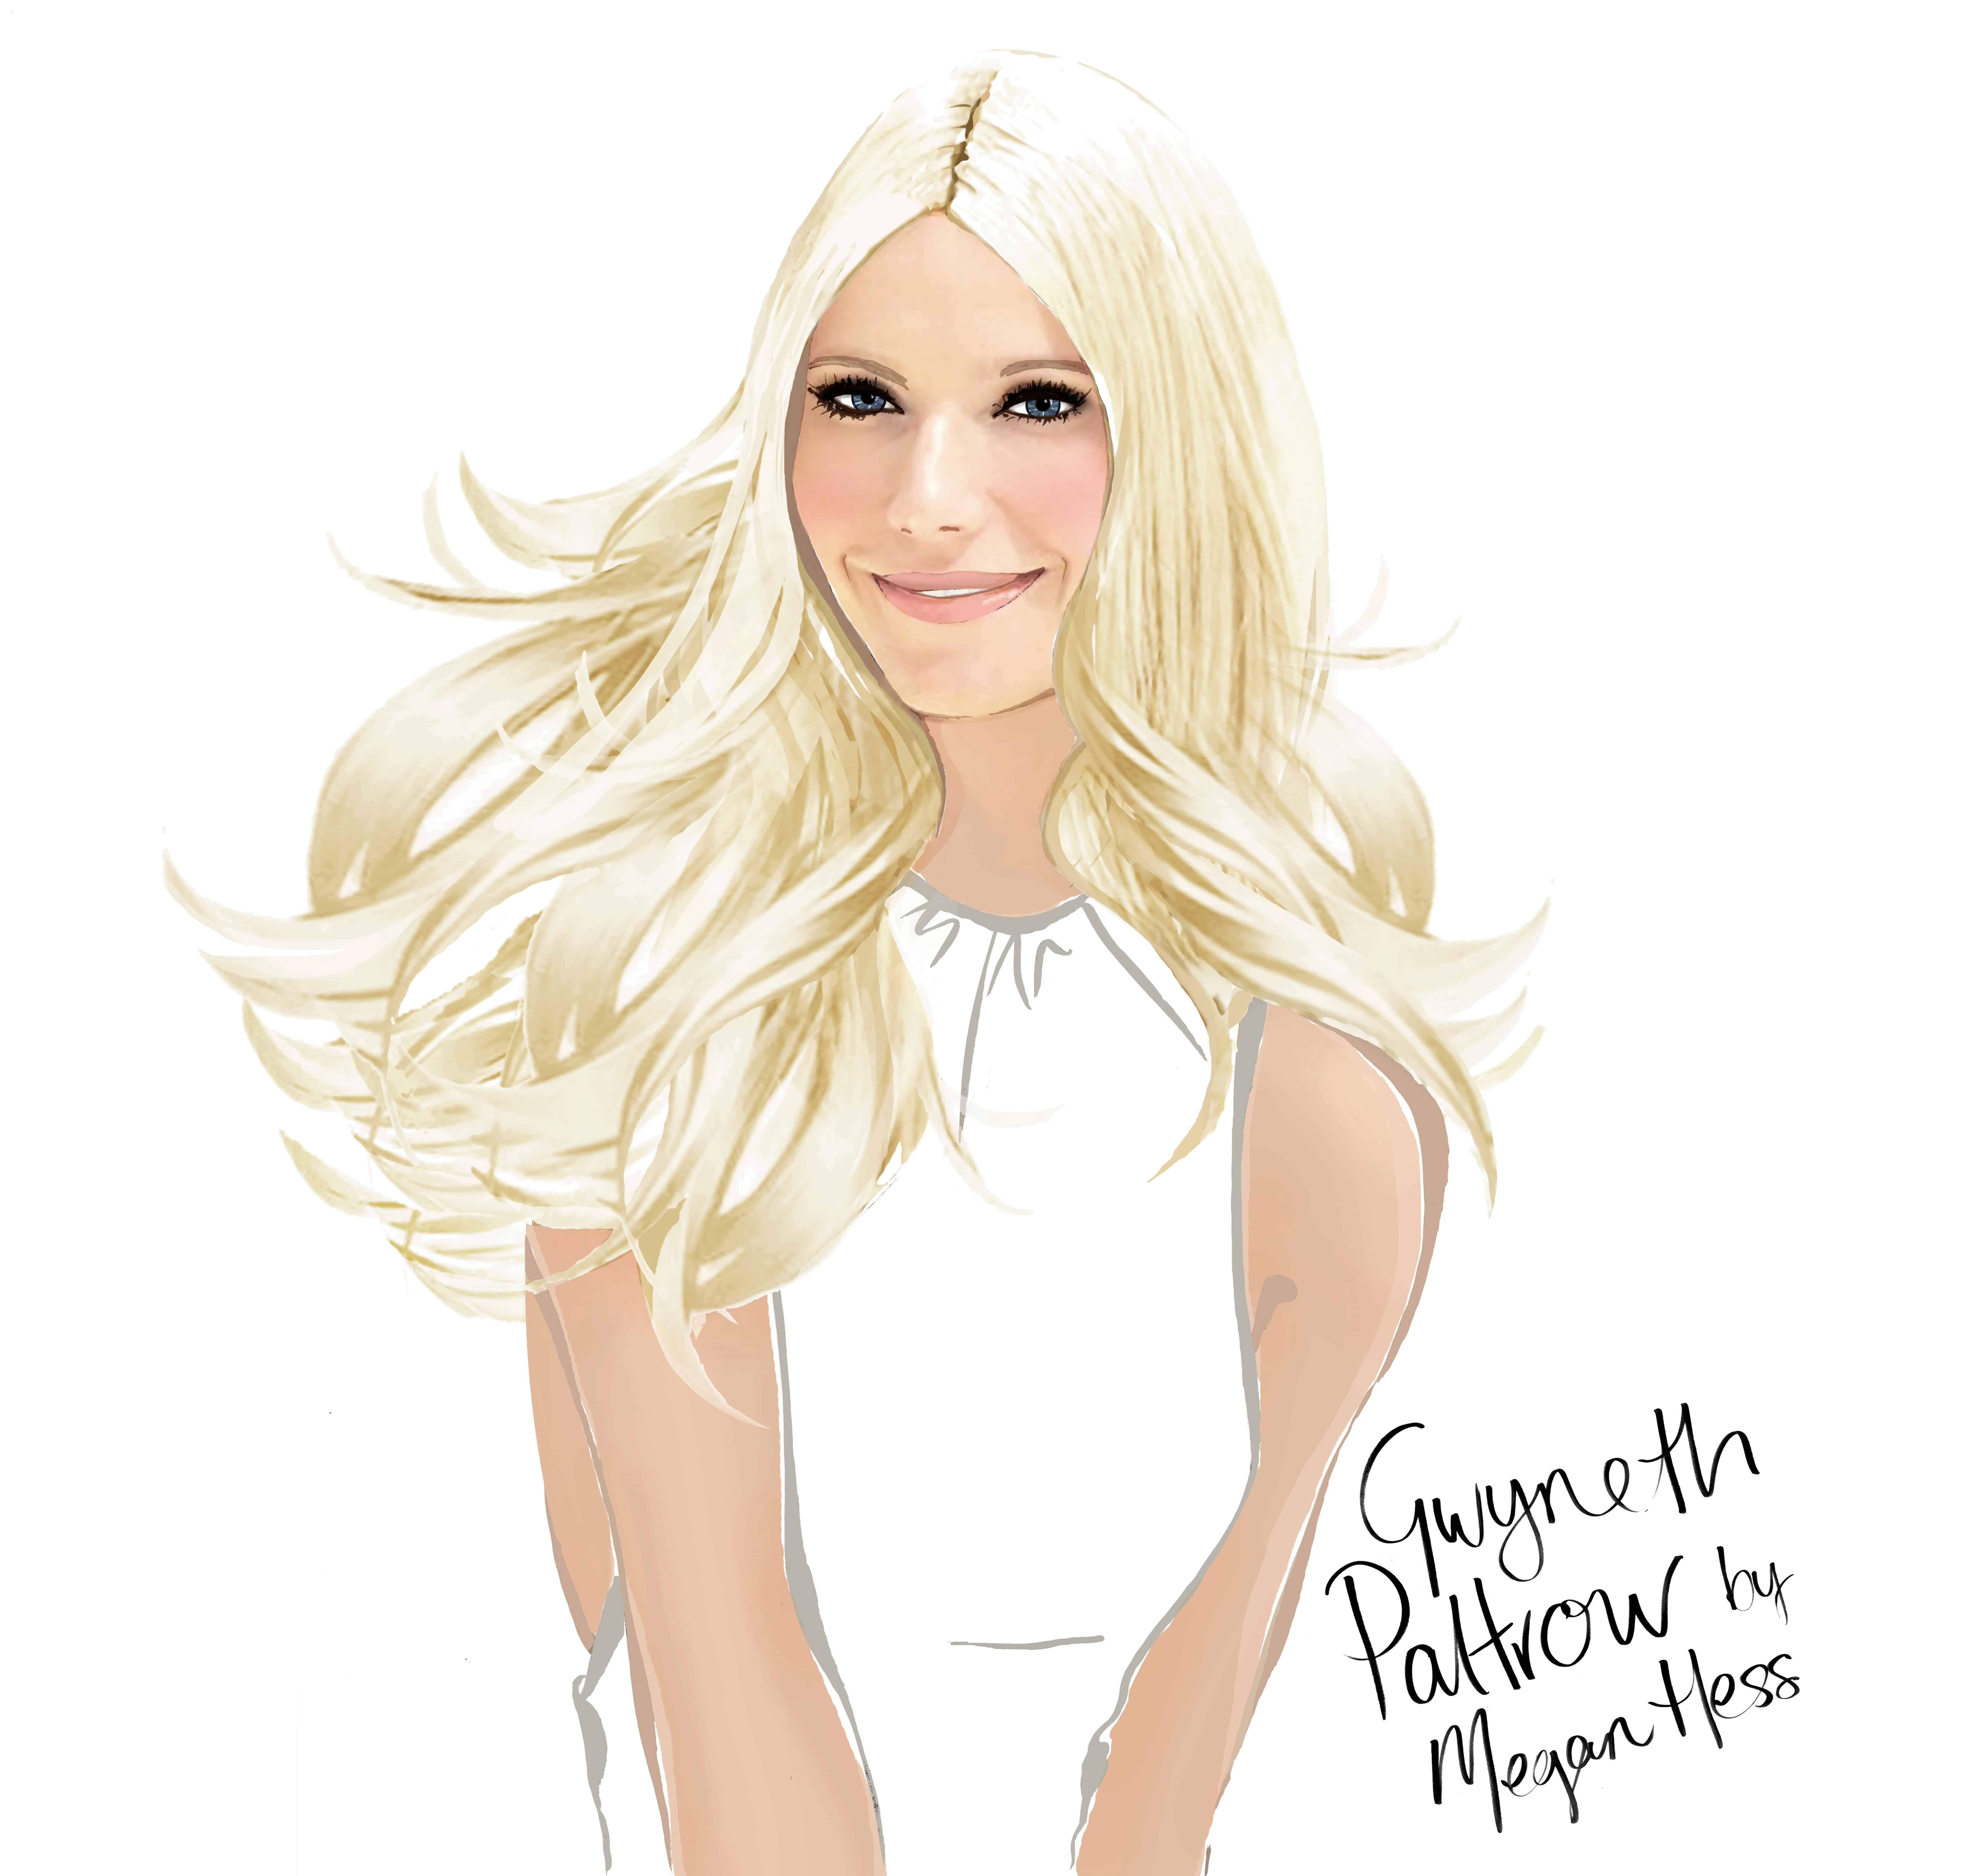 Gwyneth Paltrow AD Campaign Image